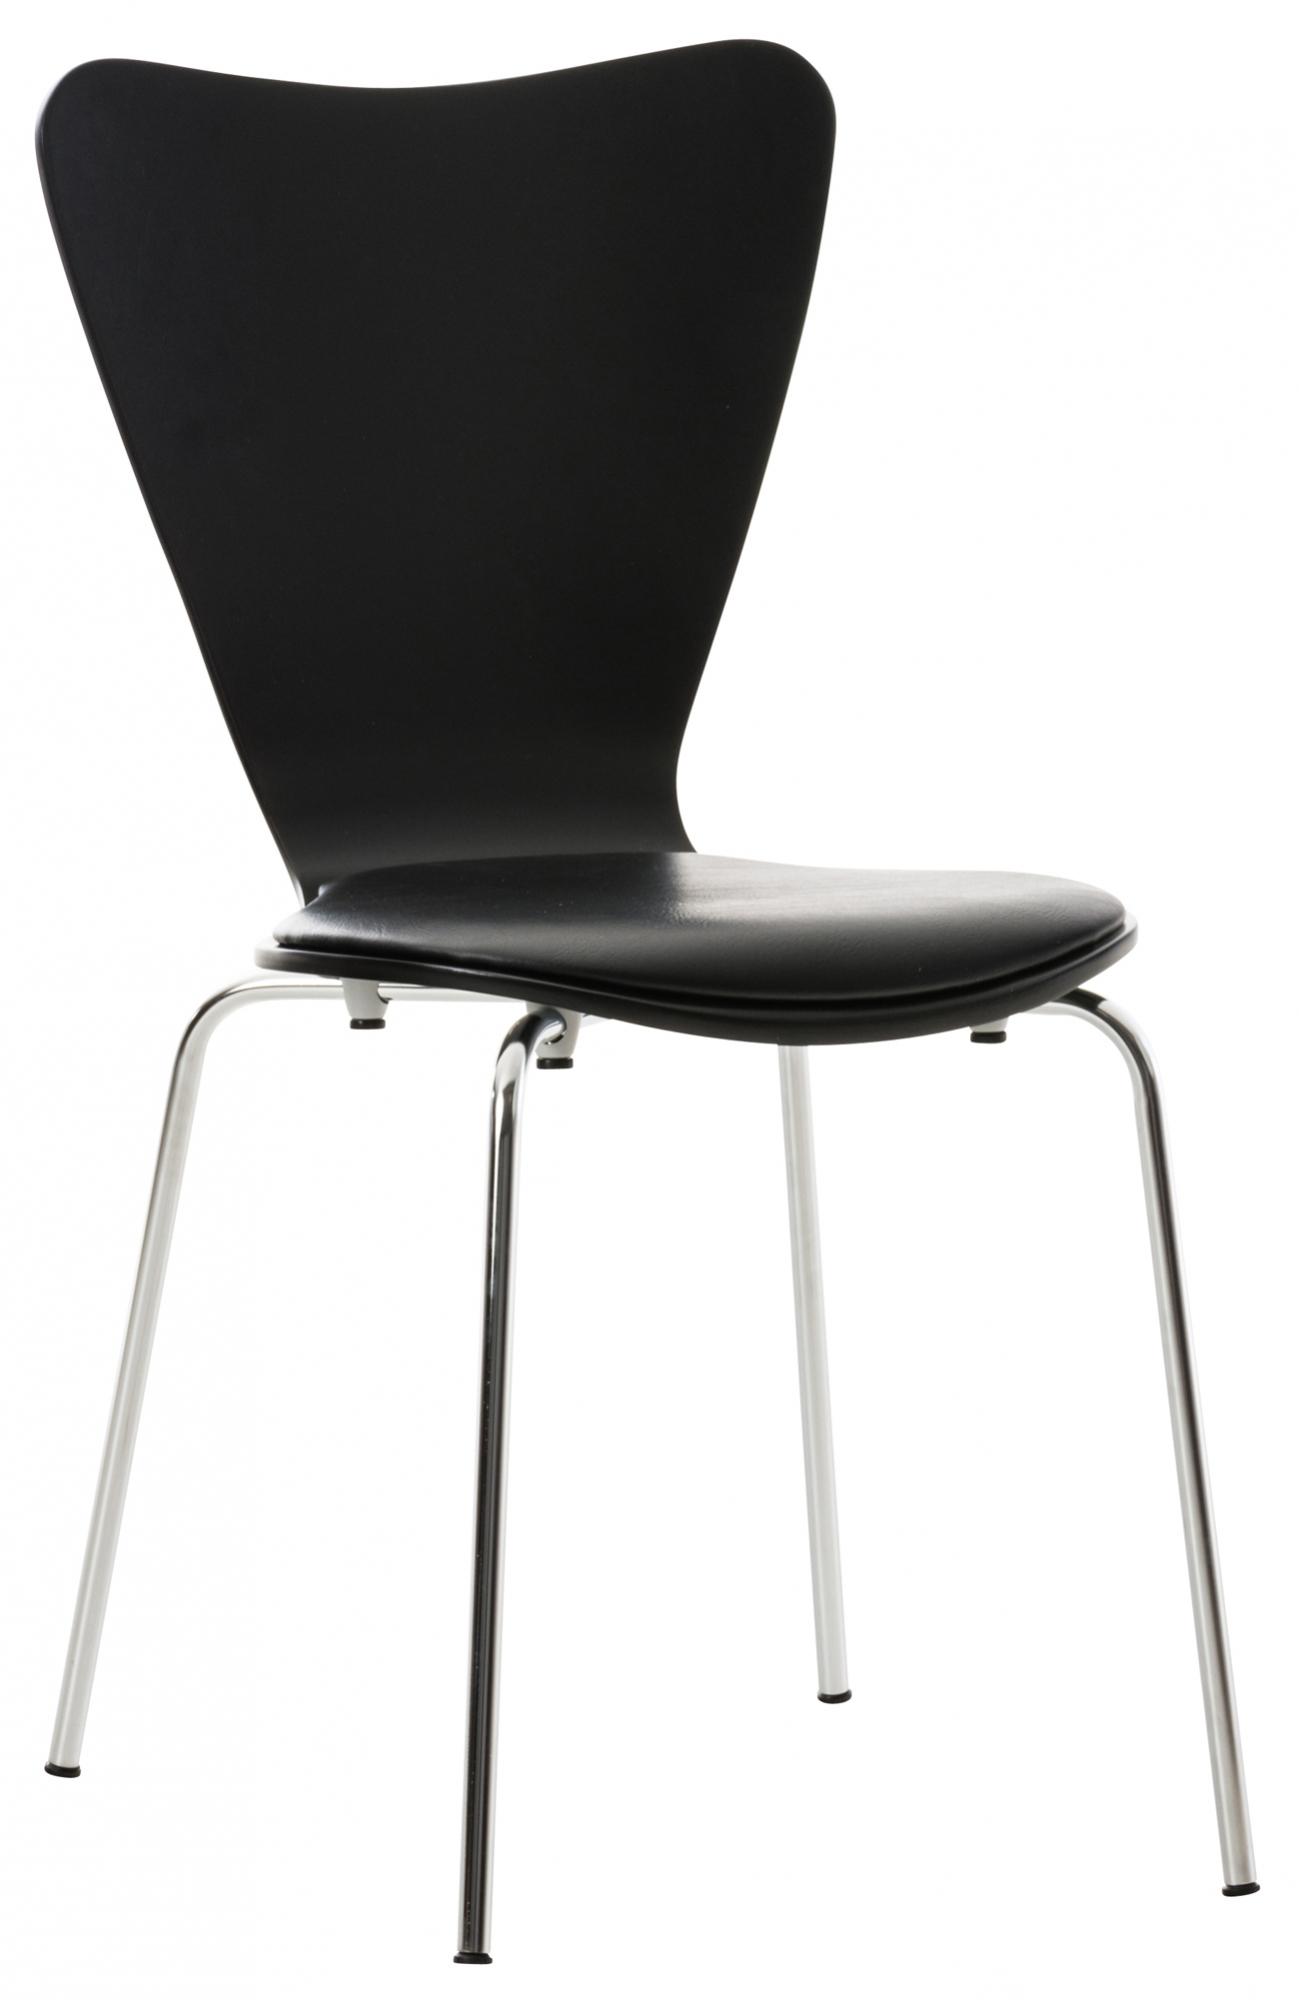 Překližková jídelní židle Story, černá/černá